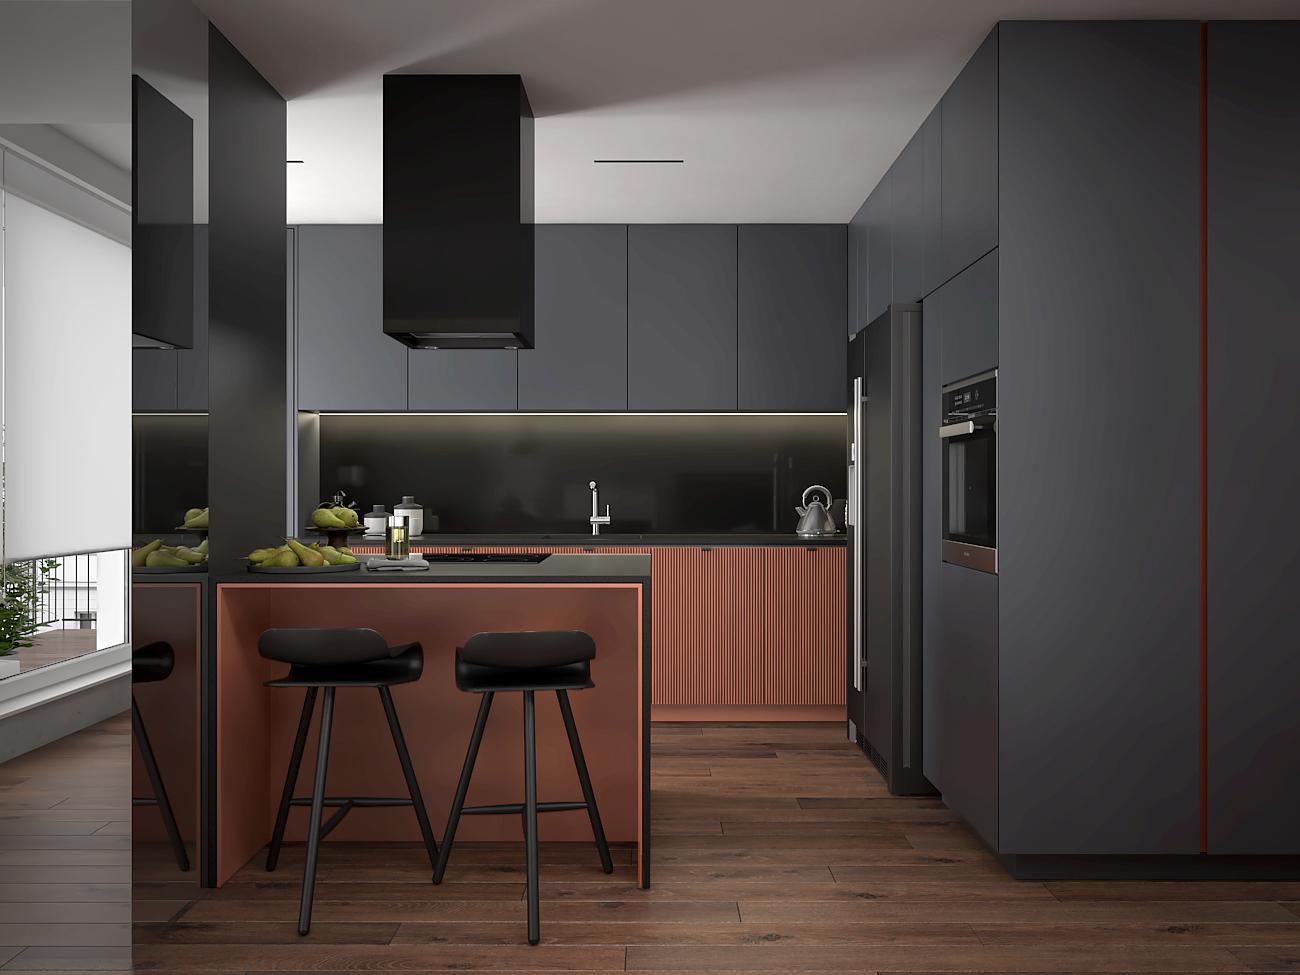 6 aranzacja wnetrza M563 mieszkanie katowice salon z kuchnia szara zabudowa wyspa z hokerami czarny okap wyspowy lamele na frontach meblowych